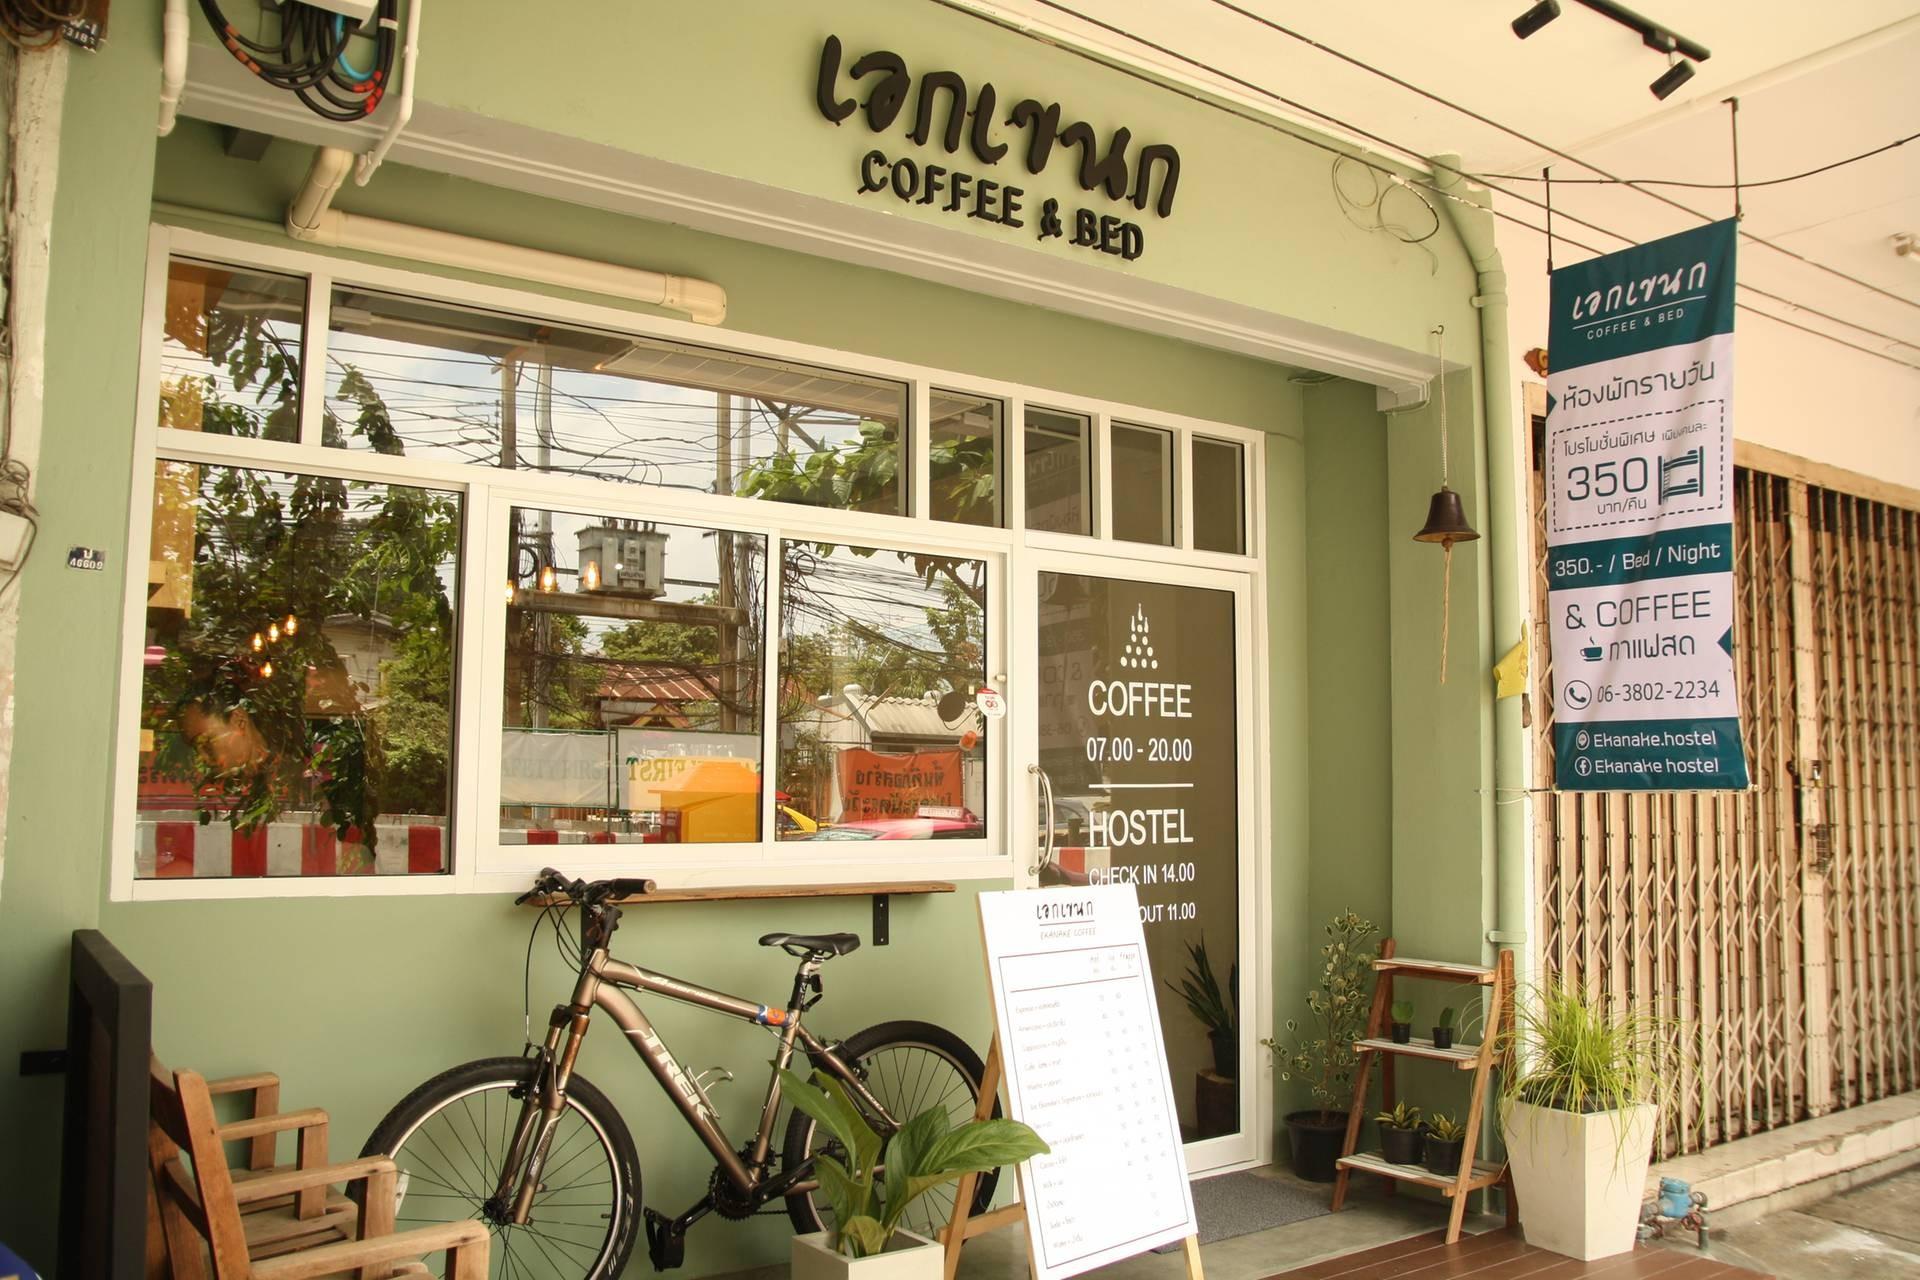 หน้าโฮสเทล ที่ชั้นล่างเป็นร้านกาแฟ มีเครื่องดื่มรสเยี่ยมให้ลิ้มชิมรส